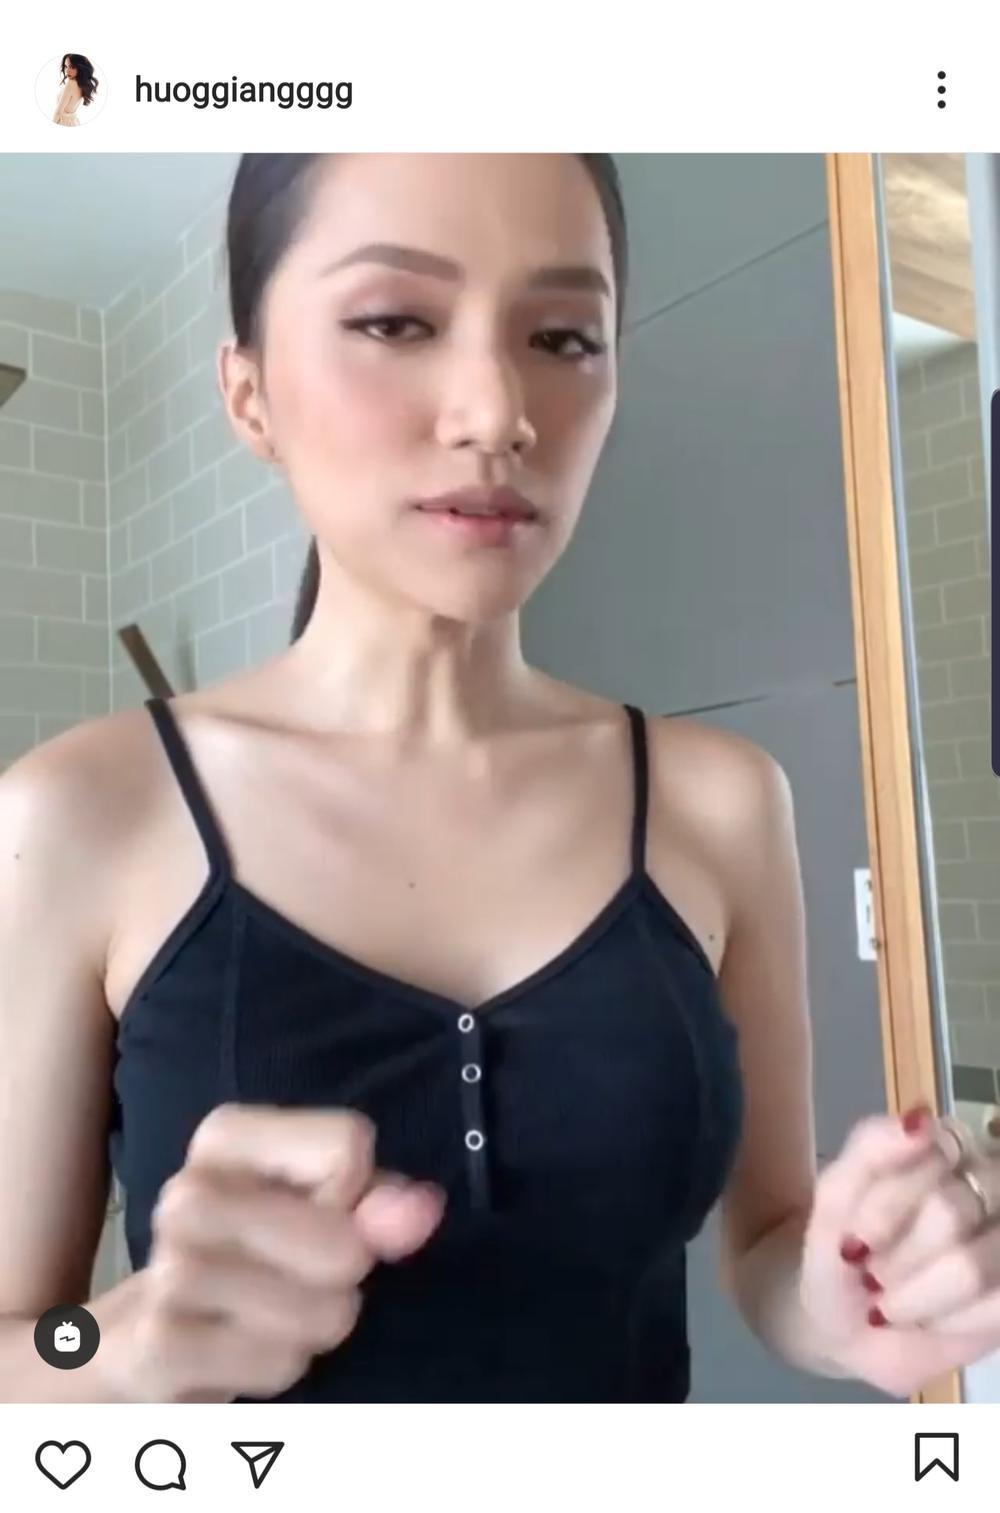 Vòng 1 khi phồng phi xẹp đến khó hiểu của hoa hậu thị phi Hương Giang Ảnh 10